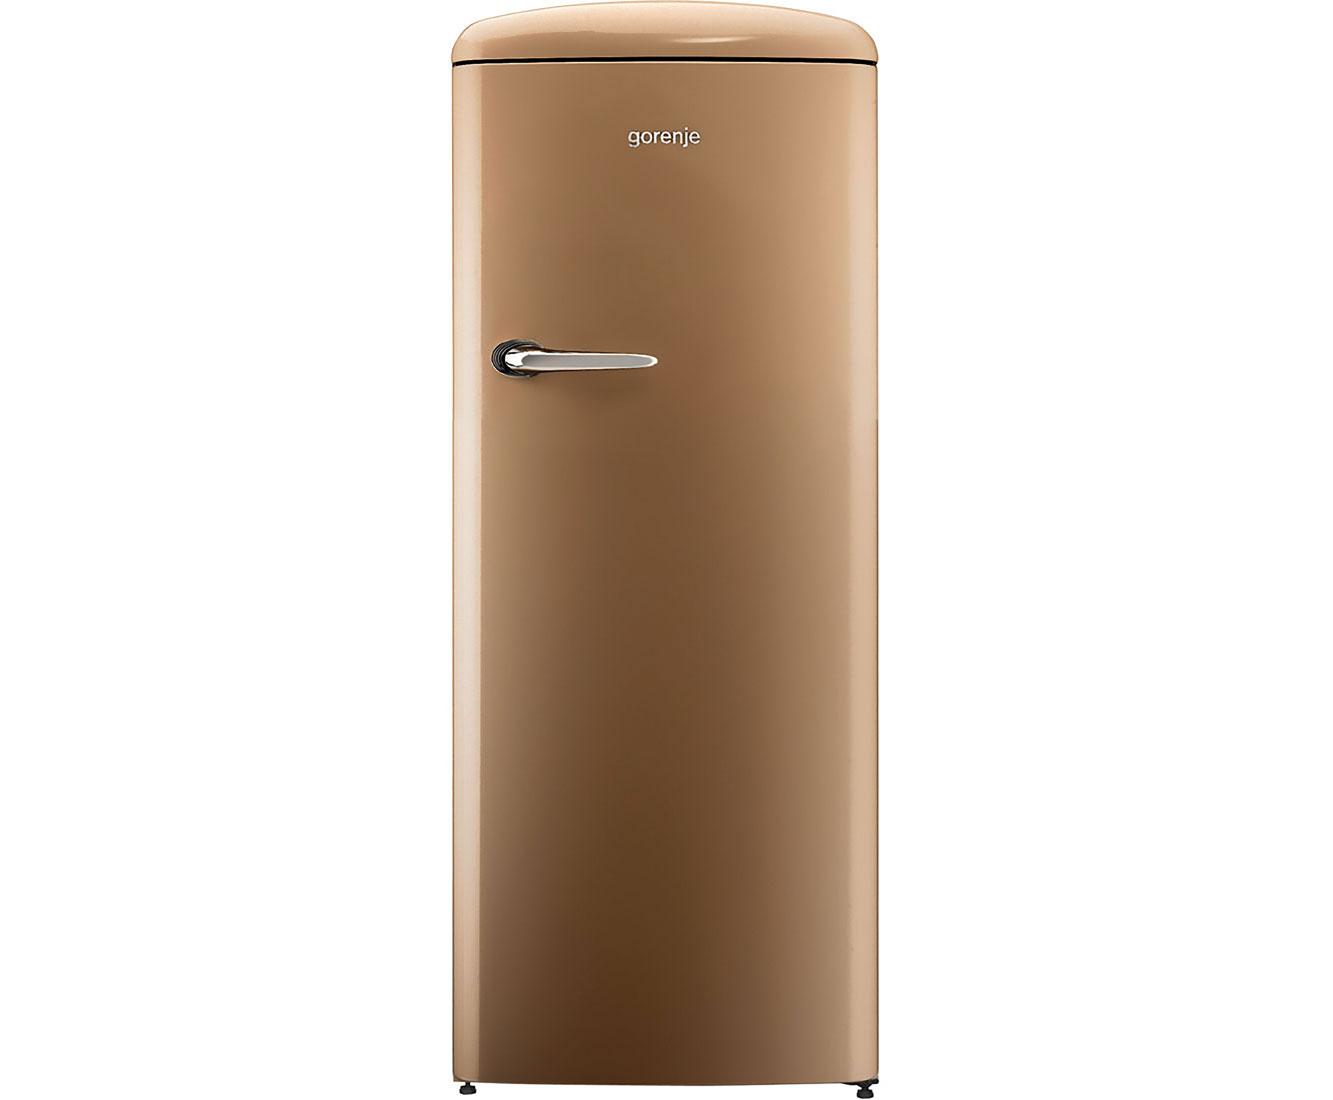 Retro Kühlschrank Pink : Ergebnisse zu: cremefarben retrokühlschrank.de